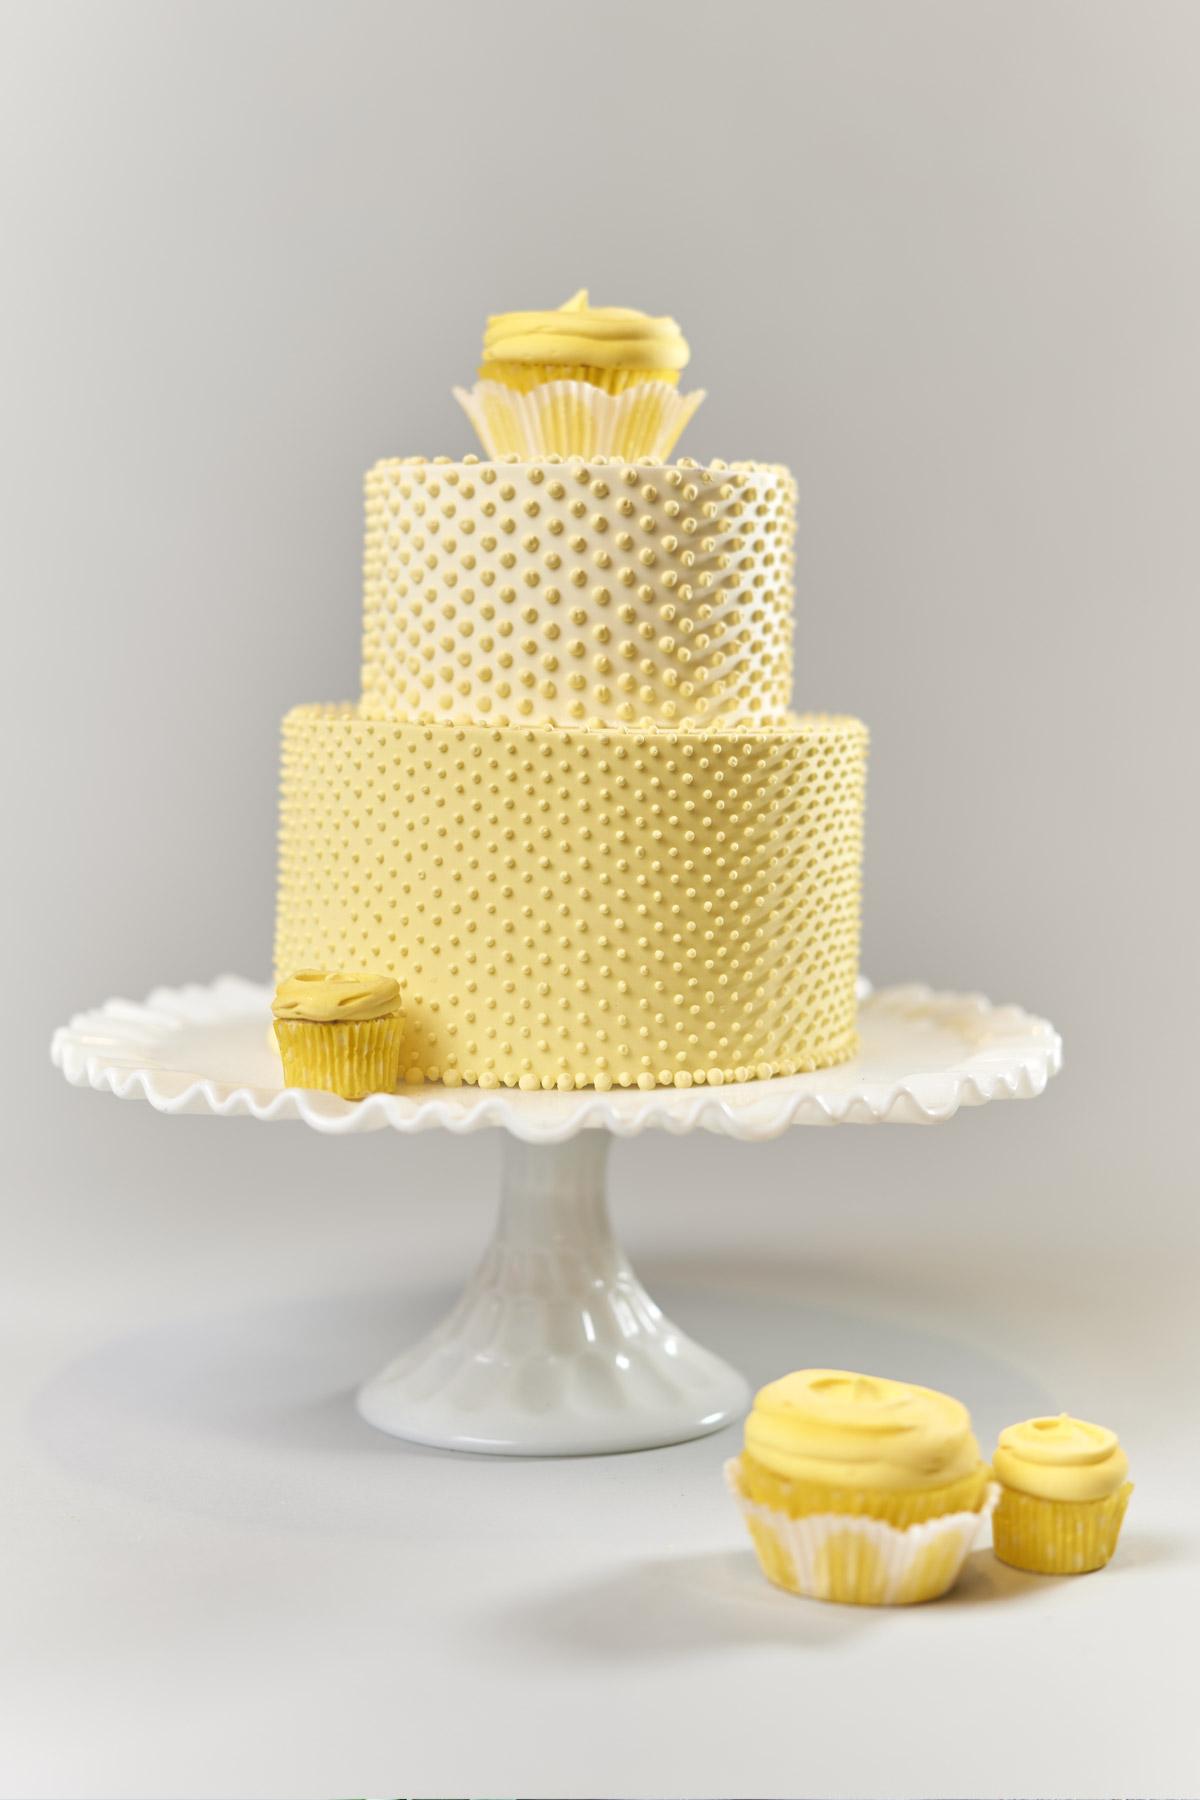 dd_cake_3.jpg